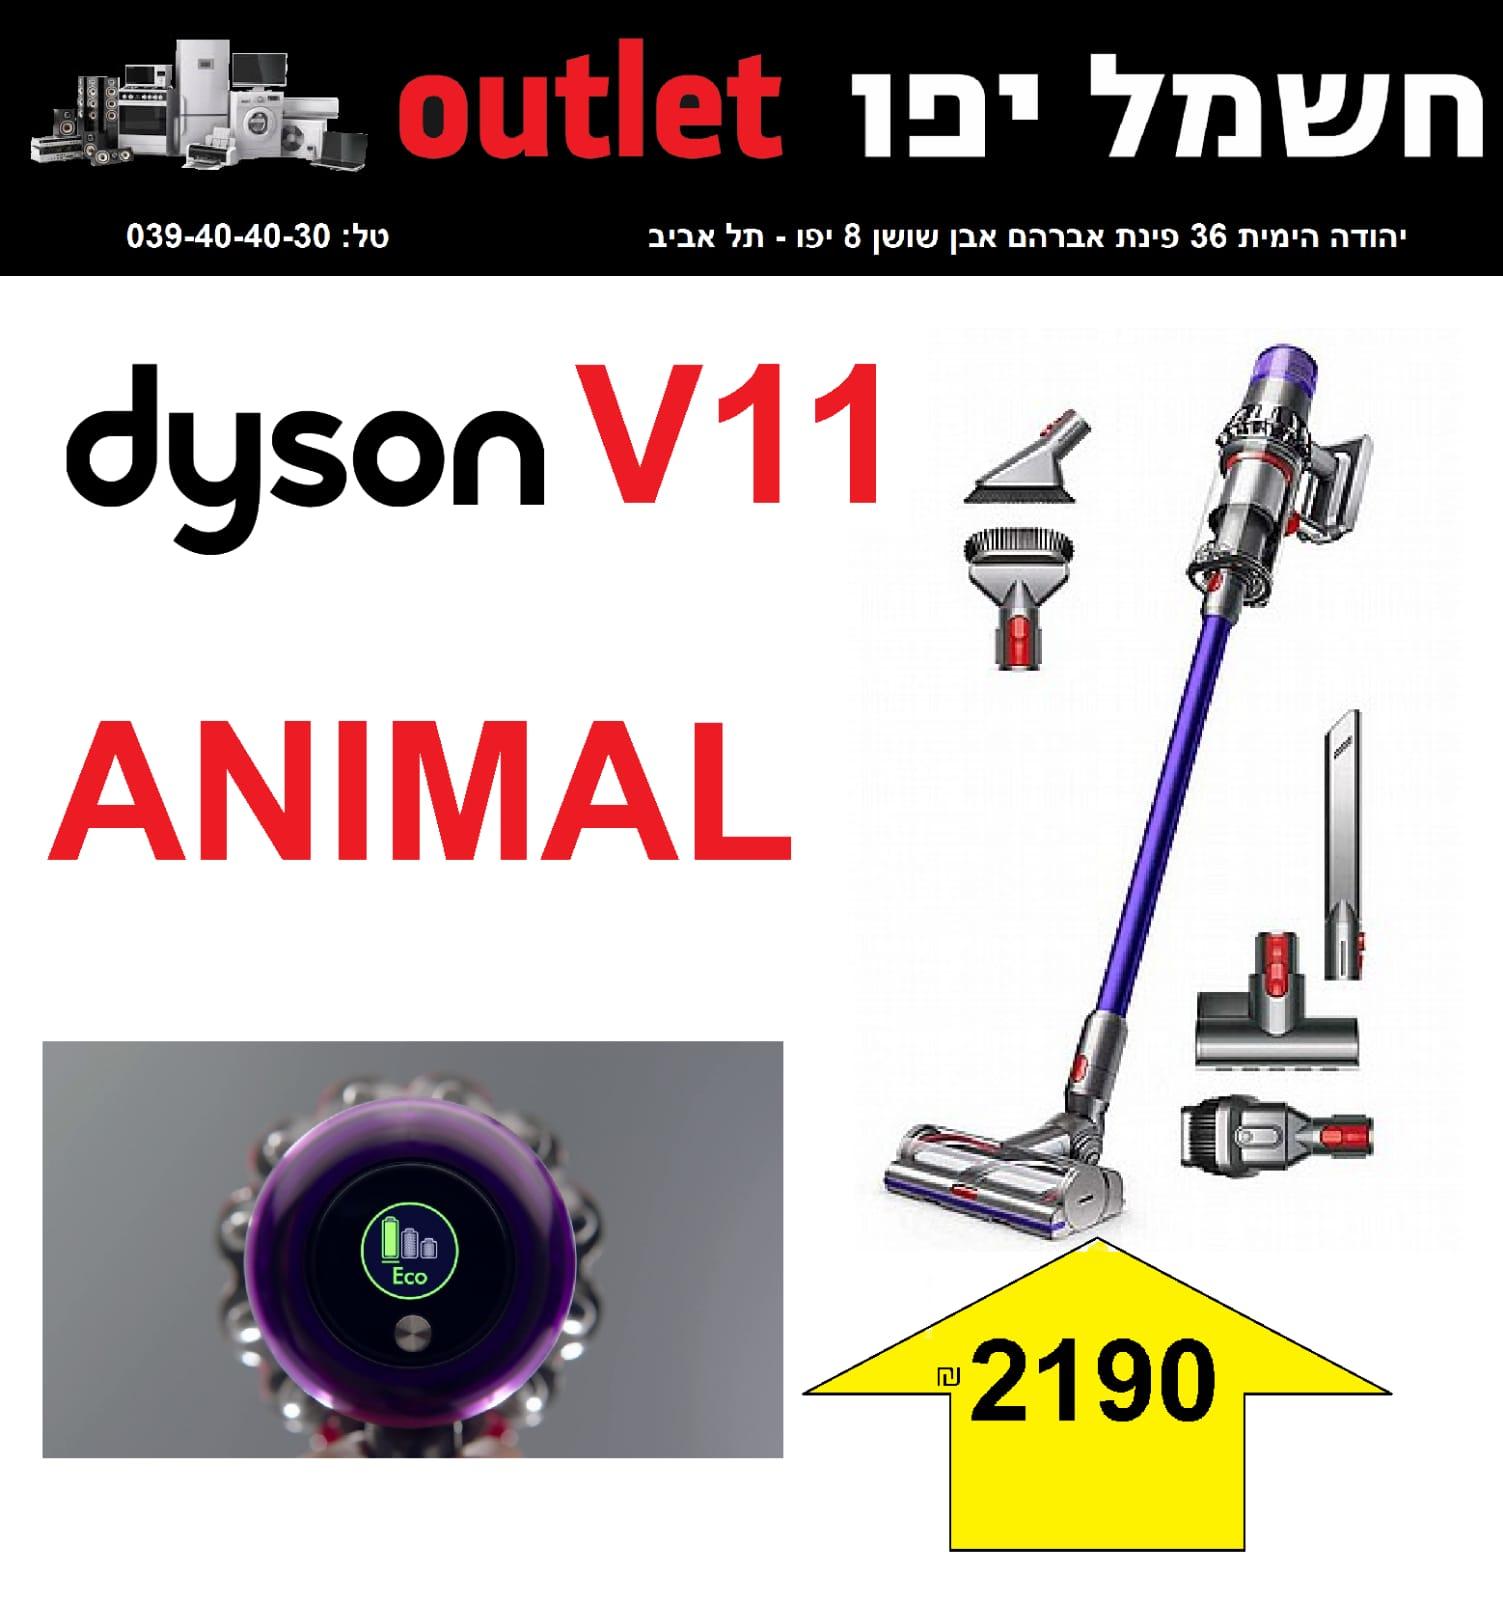 صالة كهرباء يافا Outlet - حملة تخفيضات جديدة على الأجهزة الكهربائية